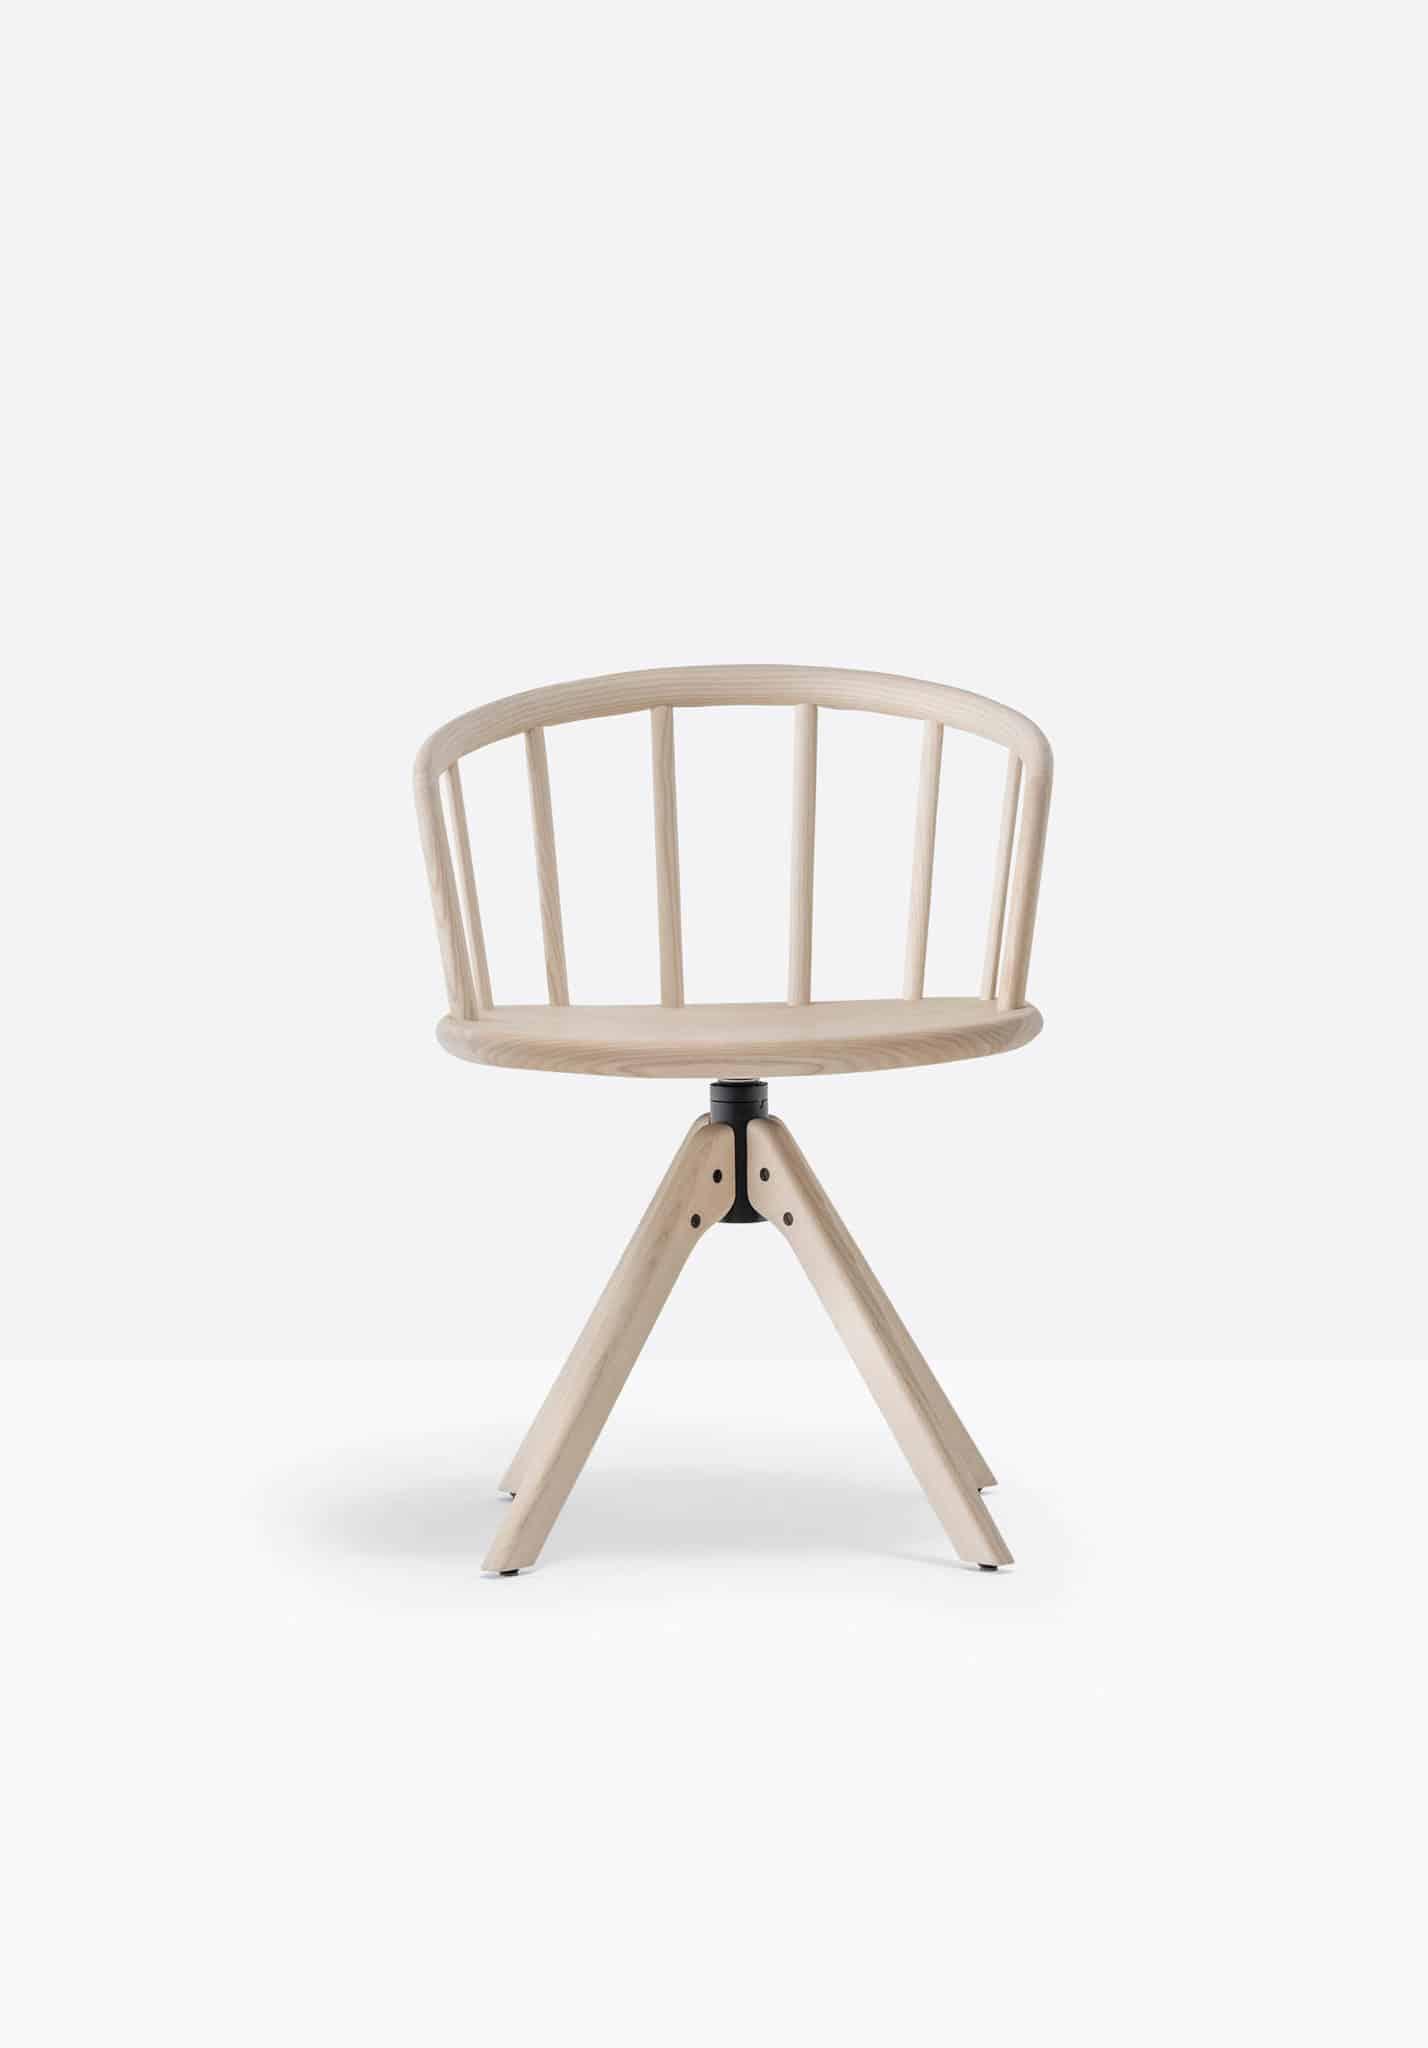 PEDRALI NYM 2845 fauteuil bois pivotant